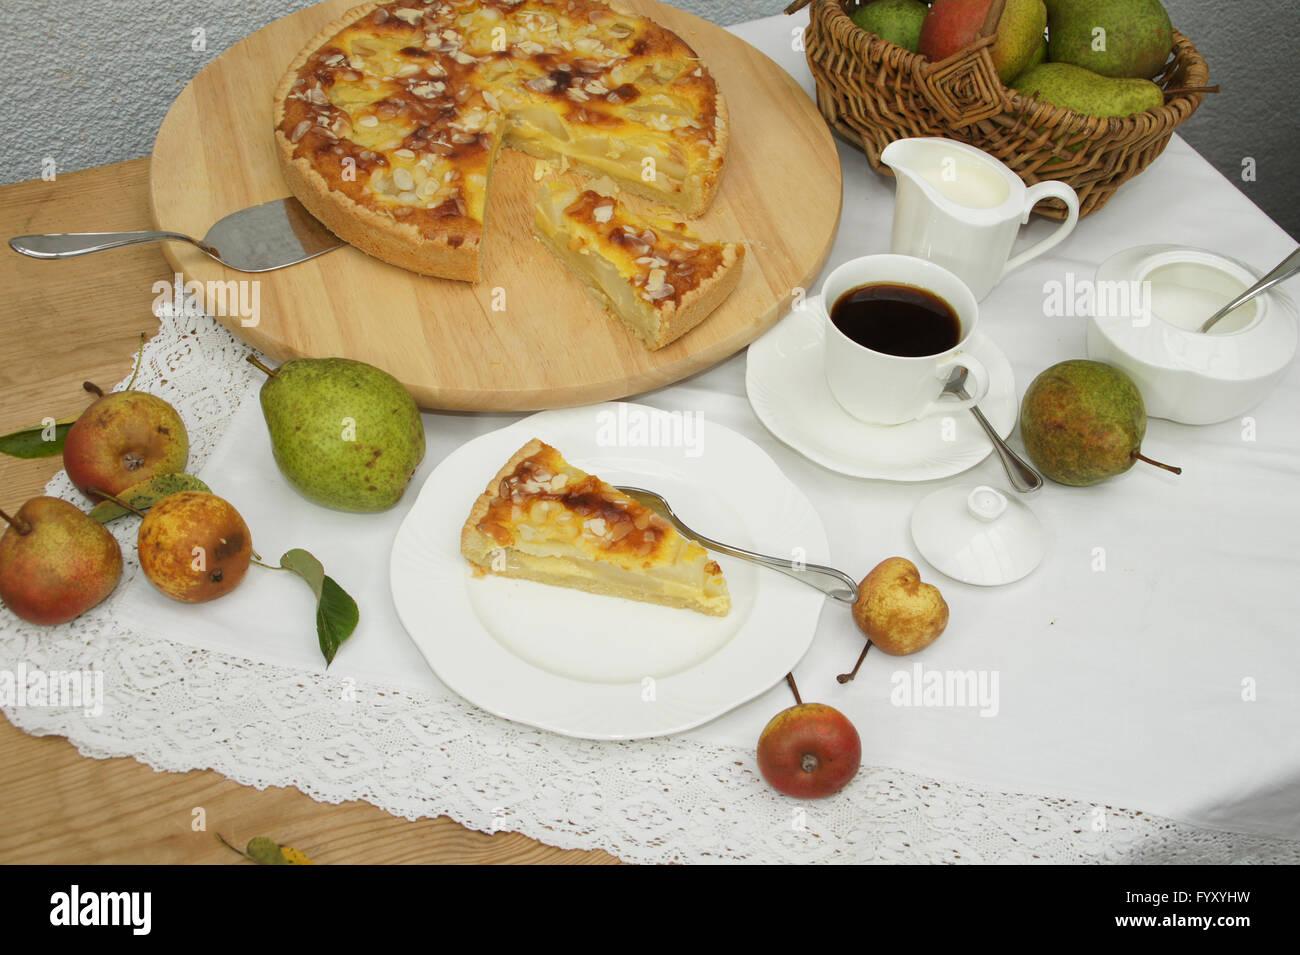 Gâteau poire Photo Stock